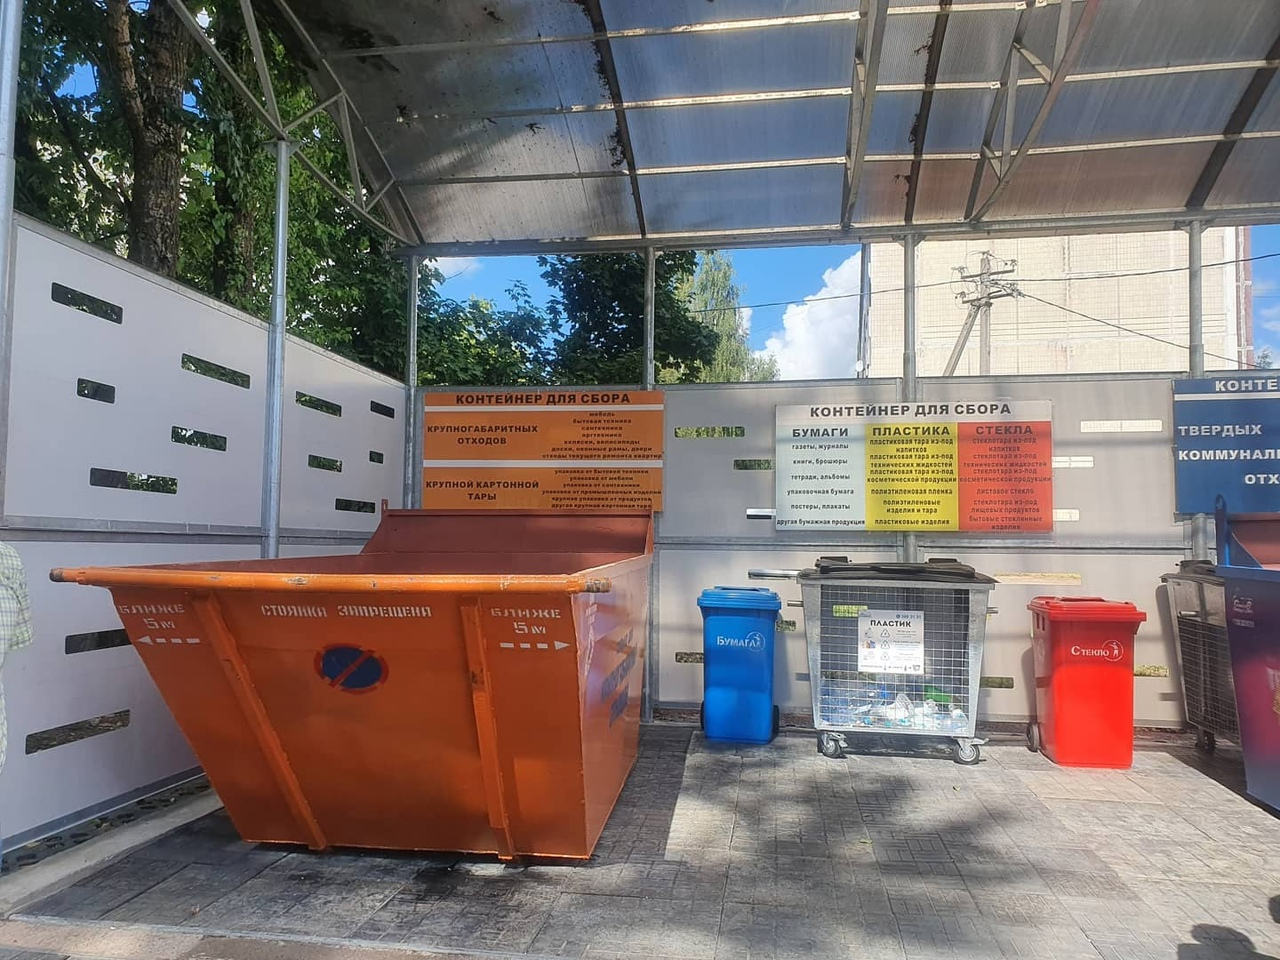 В Гатчинском районе появилась еще одна площадка для раздельного сбора мусора раздельный сбор мусора, мусор, Ленобласть, Гатчинский район, Большие Тайцы